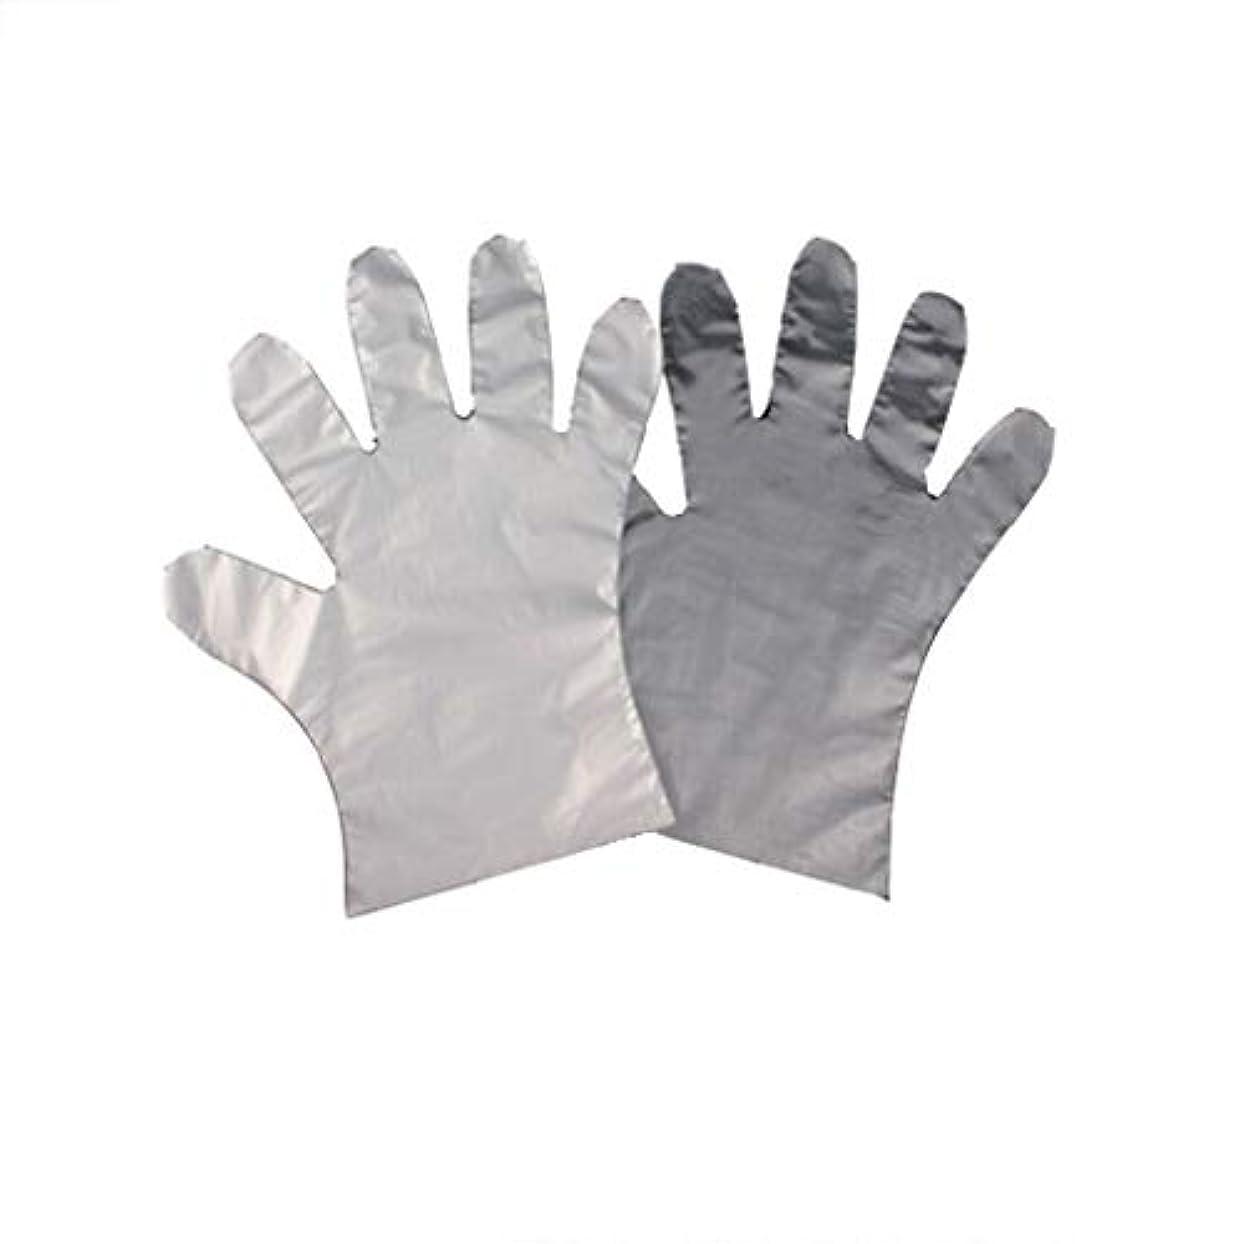 同種の狂乱手順手袋、使い捨てPE手袋、食品の肥厚、透明な2つのオープンポケット-600のみ。